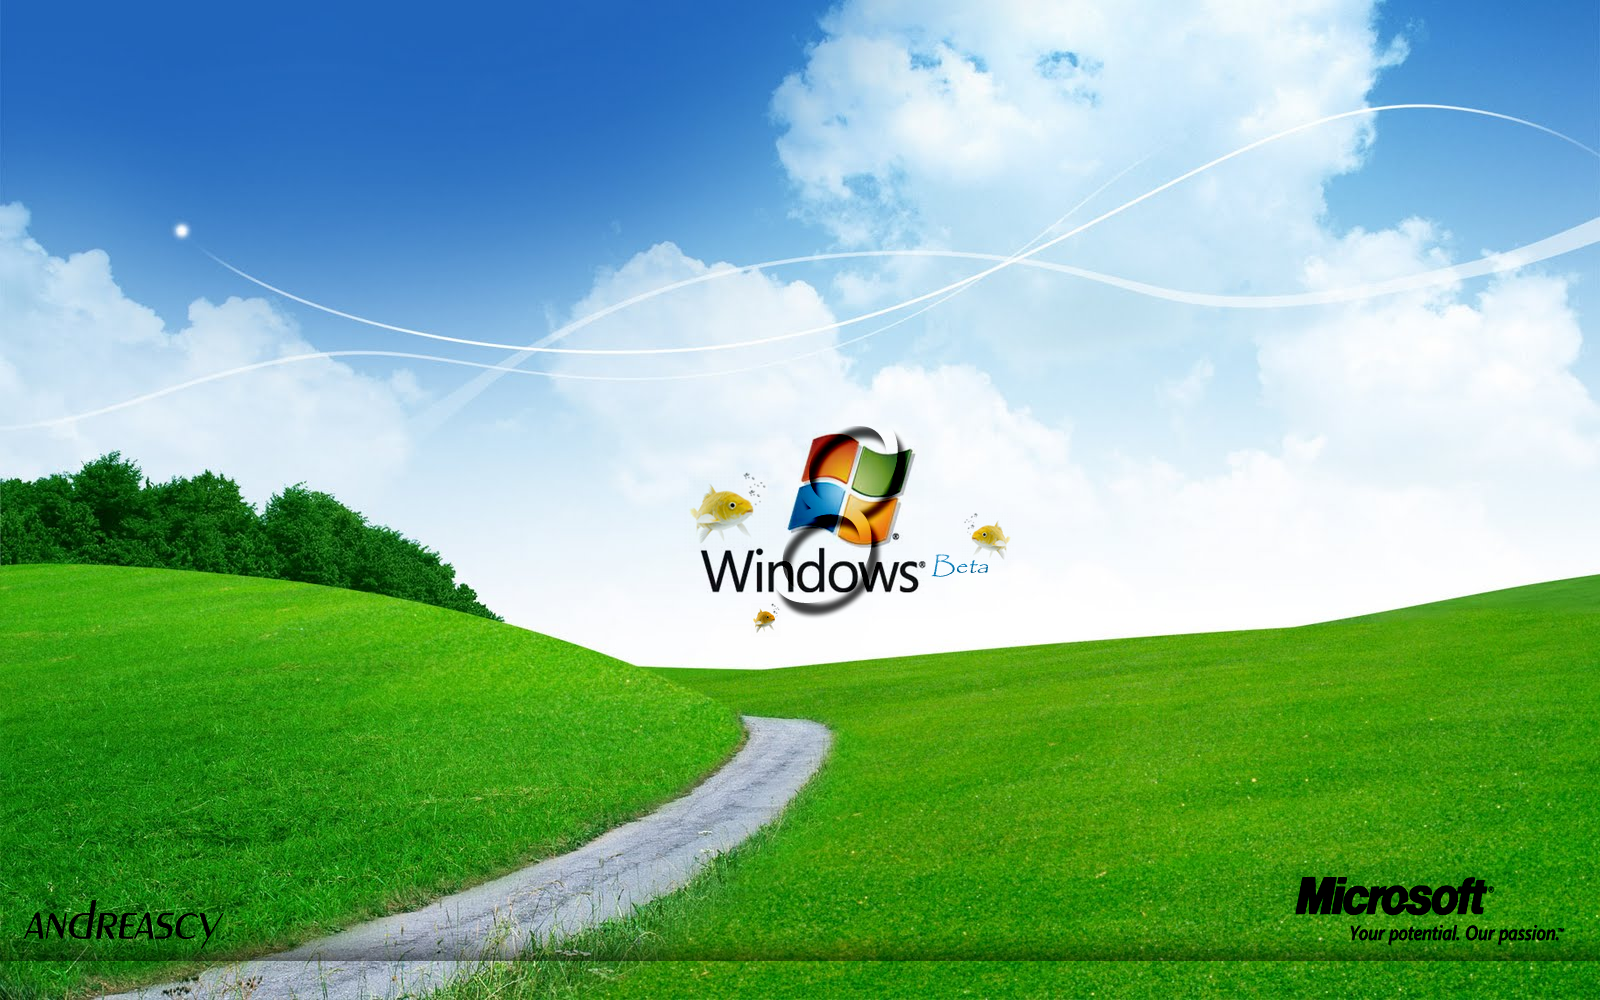 Windows 8 Beta by andreascy